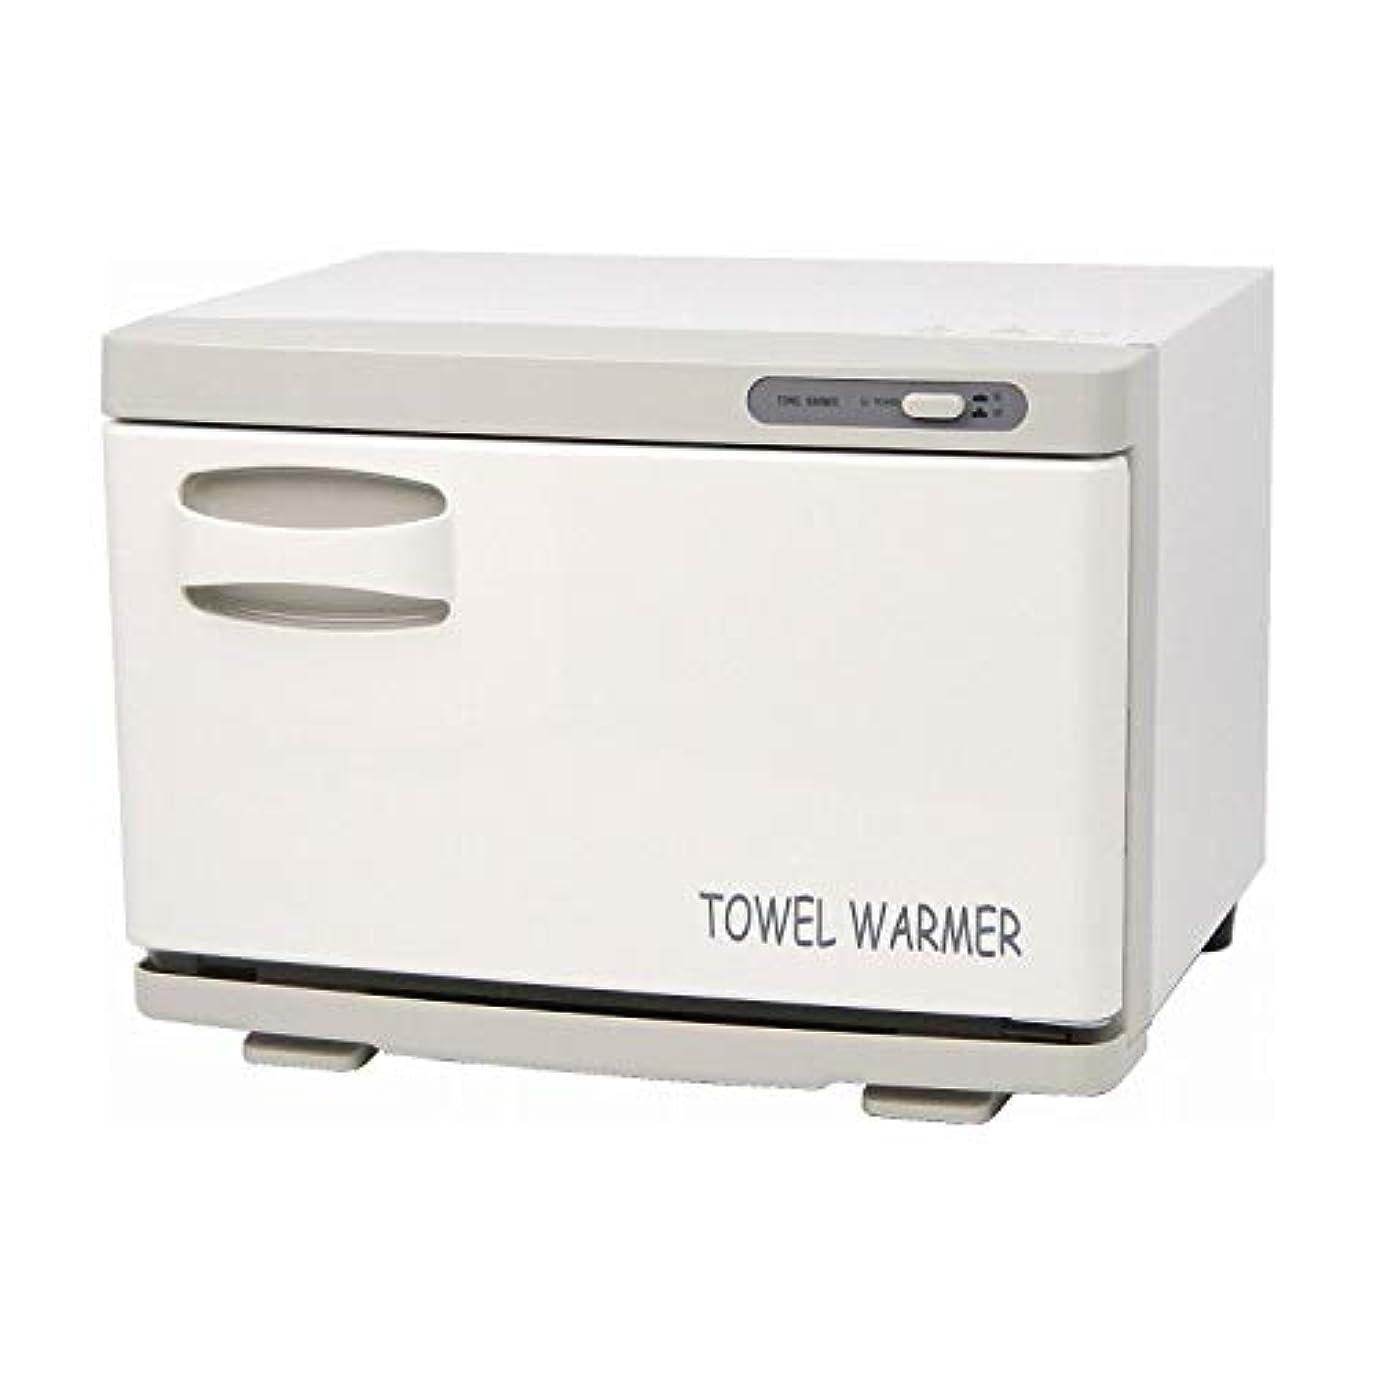 民間人休日にほのかタオルウォーマー TW-12F[ホワイト前開き]新品 おしぼり蒸し器 おしぼりウォーマー ホットウォーマー タオル蒸し器 タオルウオーマー ホットボックス